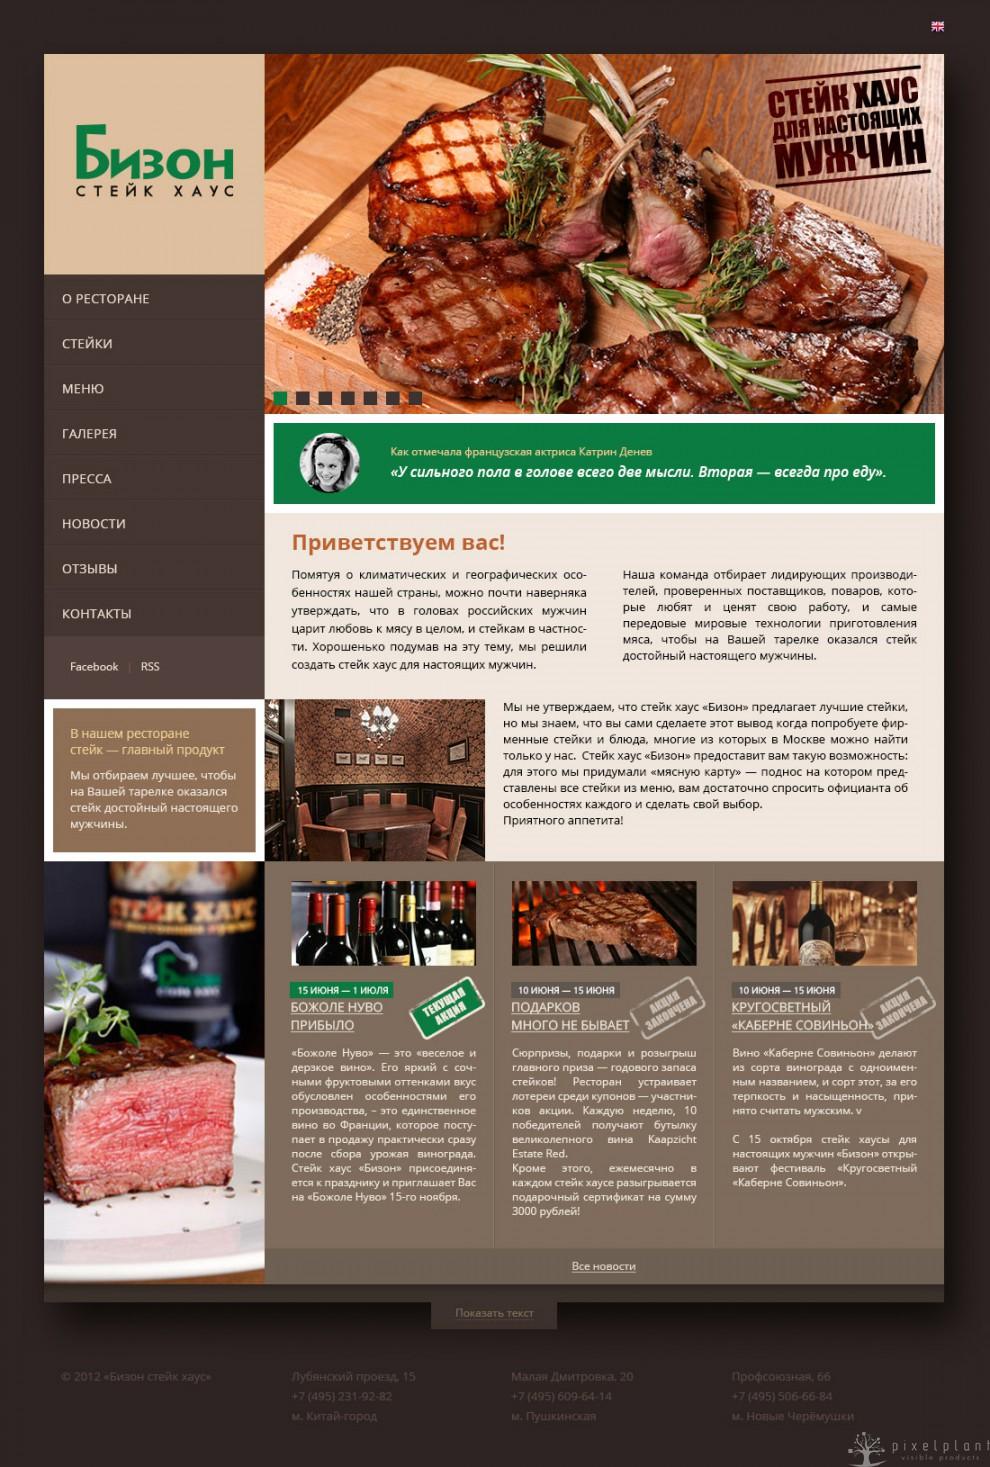 Создание сайта сети ресторанов